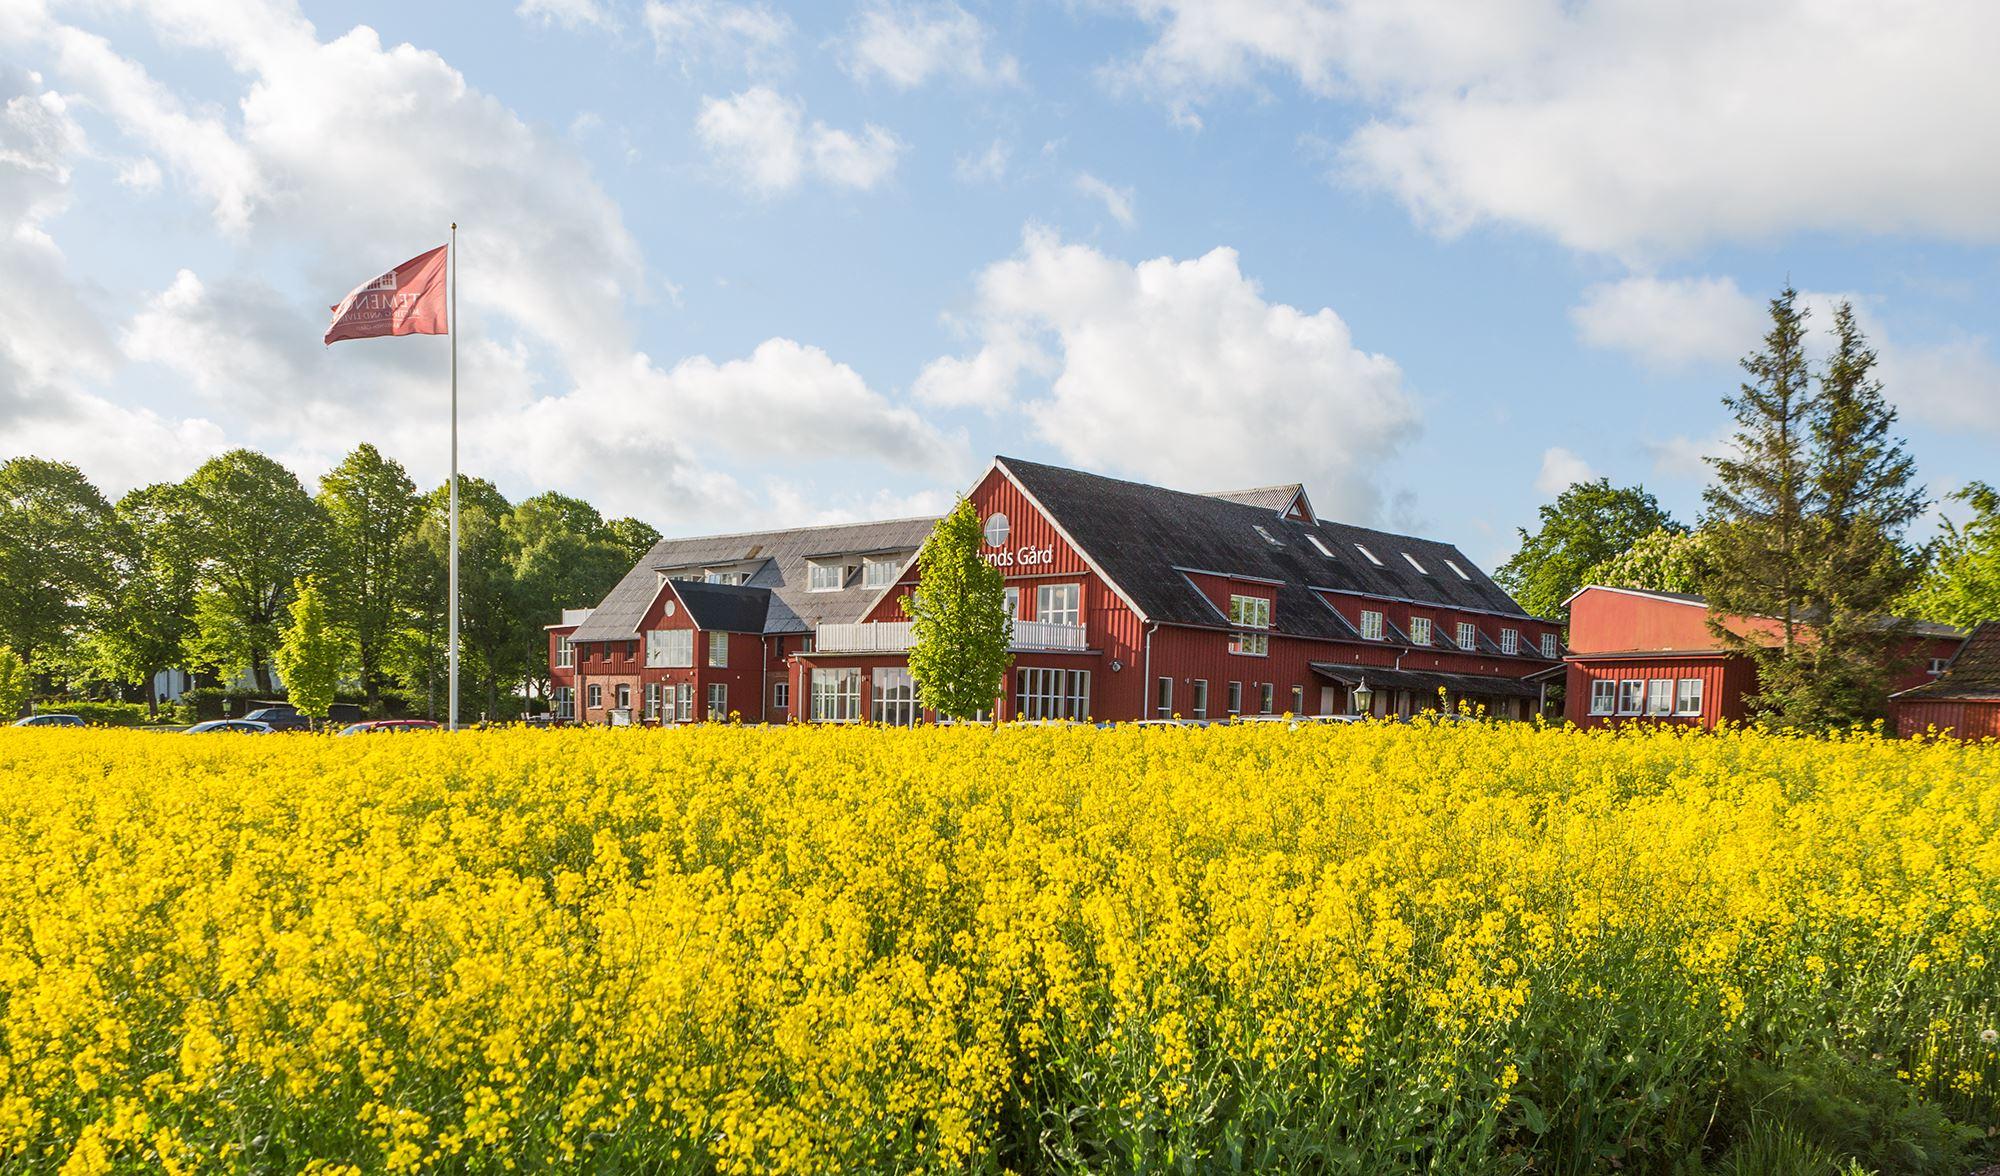 © Råbylunds gård, Råbylunds gård